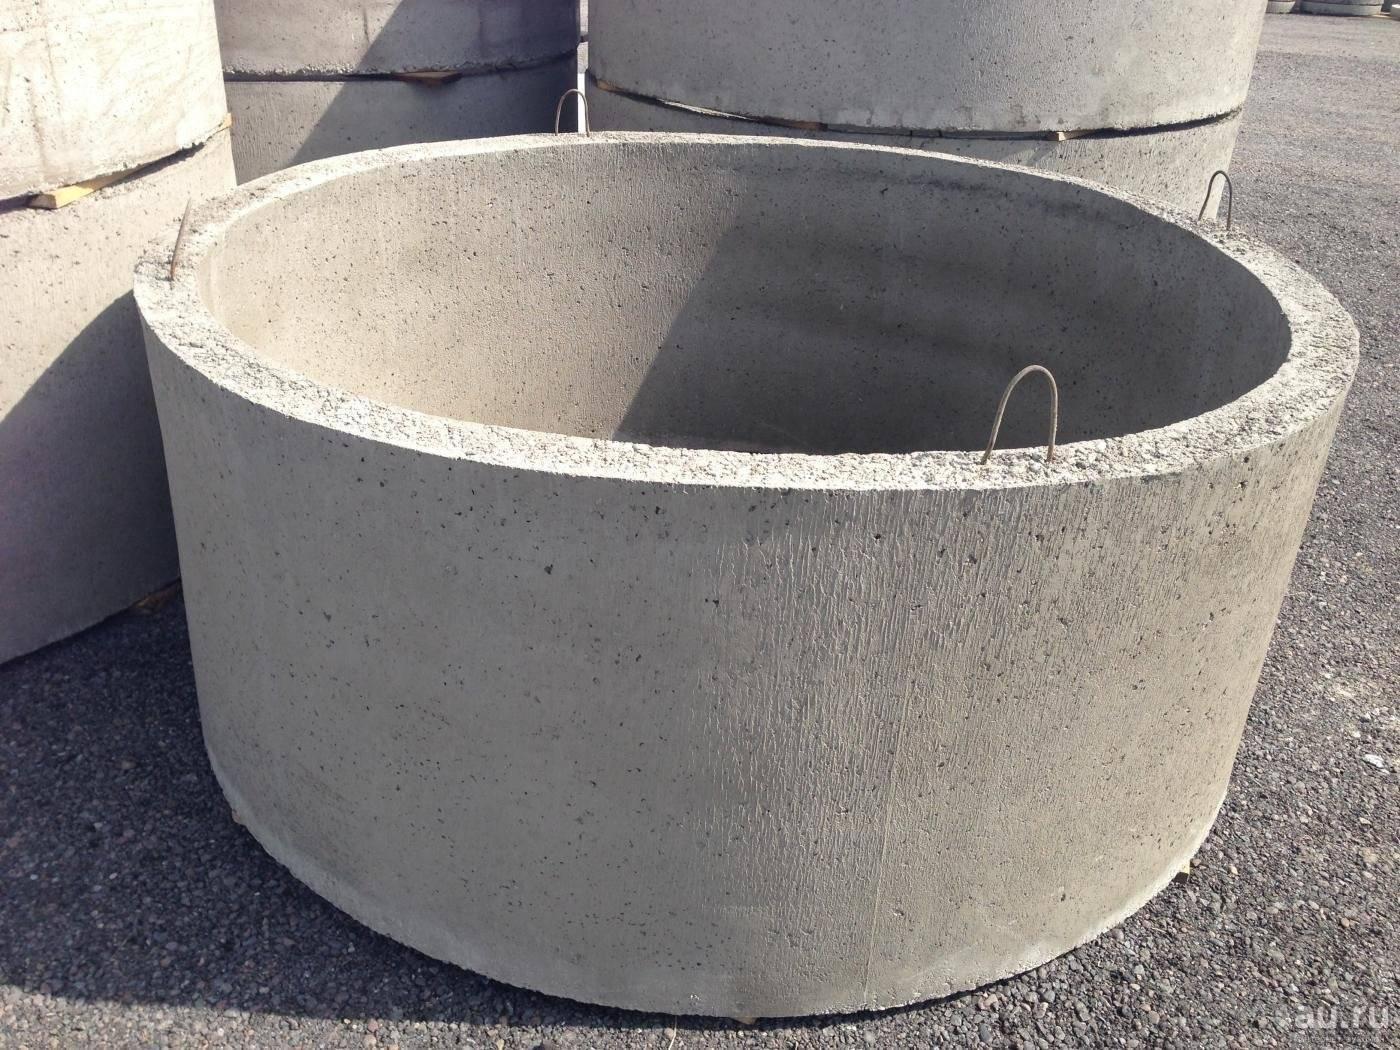 ????бетонные кольца для канализации: классификация и размеры, плюсы и минусы ж/б колец, этапы монтажа септика - блог о строительстве